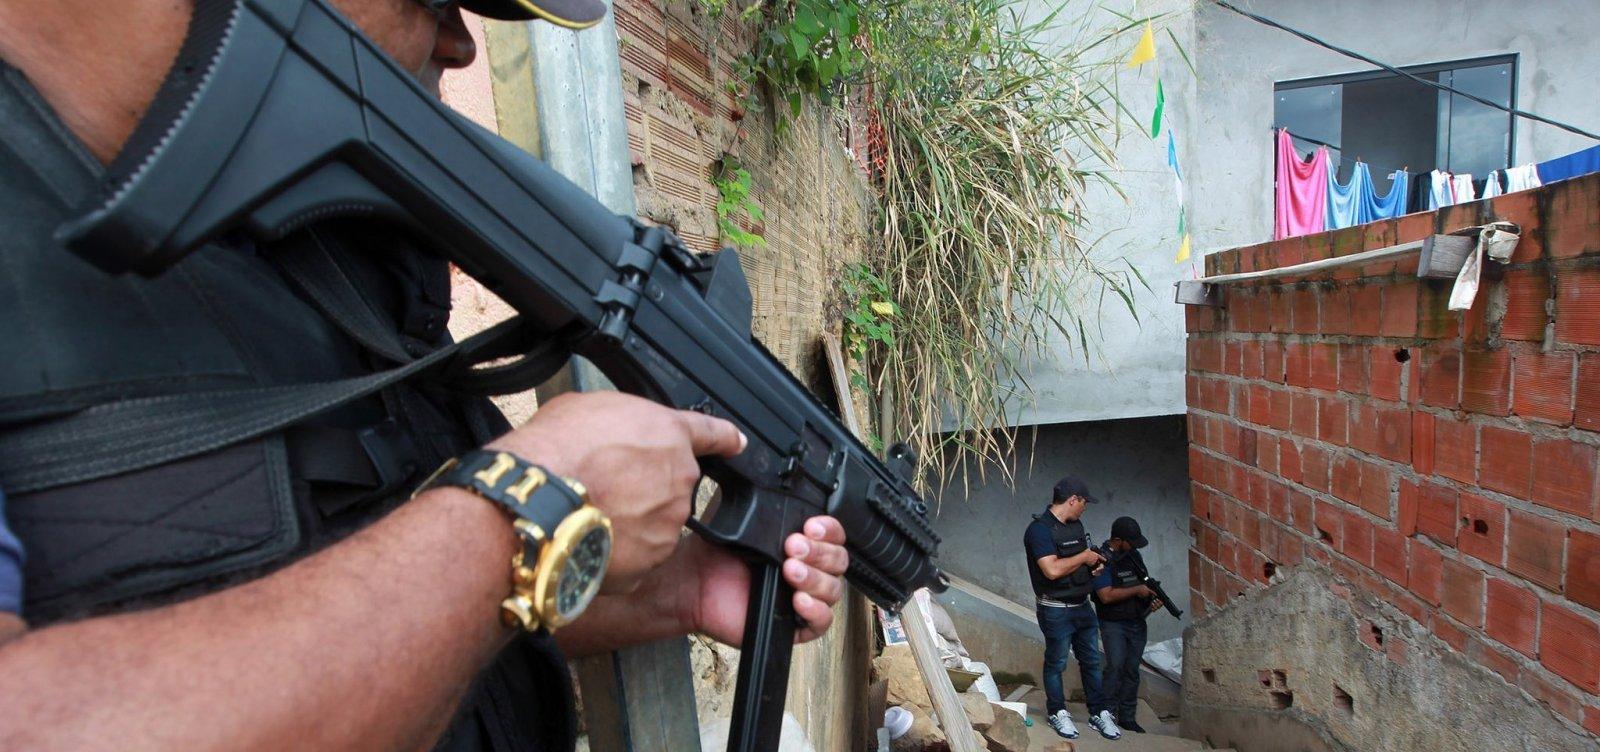 Brasil registra pelo menos 3 mil assassinatos no mês de julho